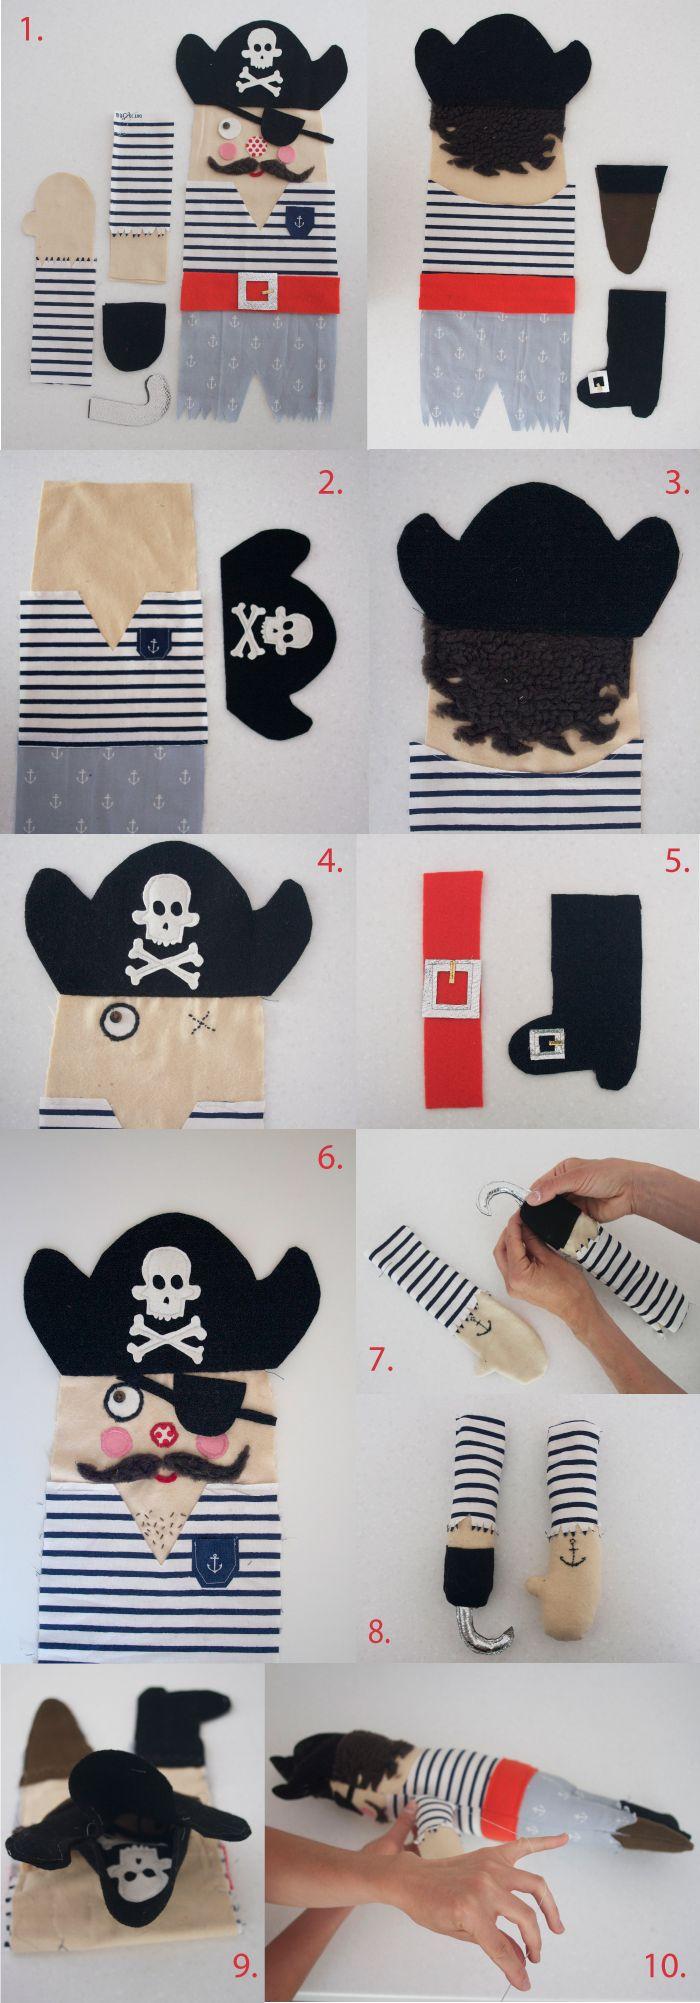 Выкройка куклы пирата